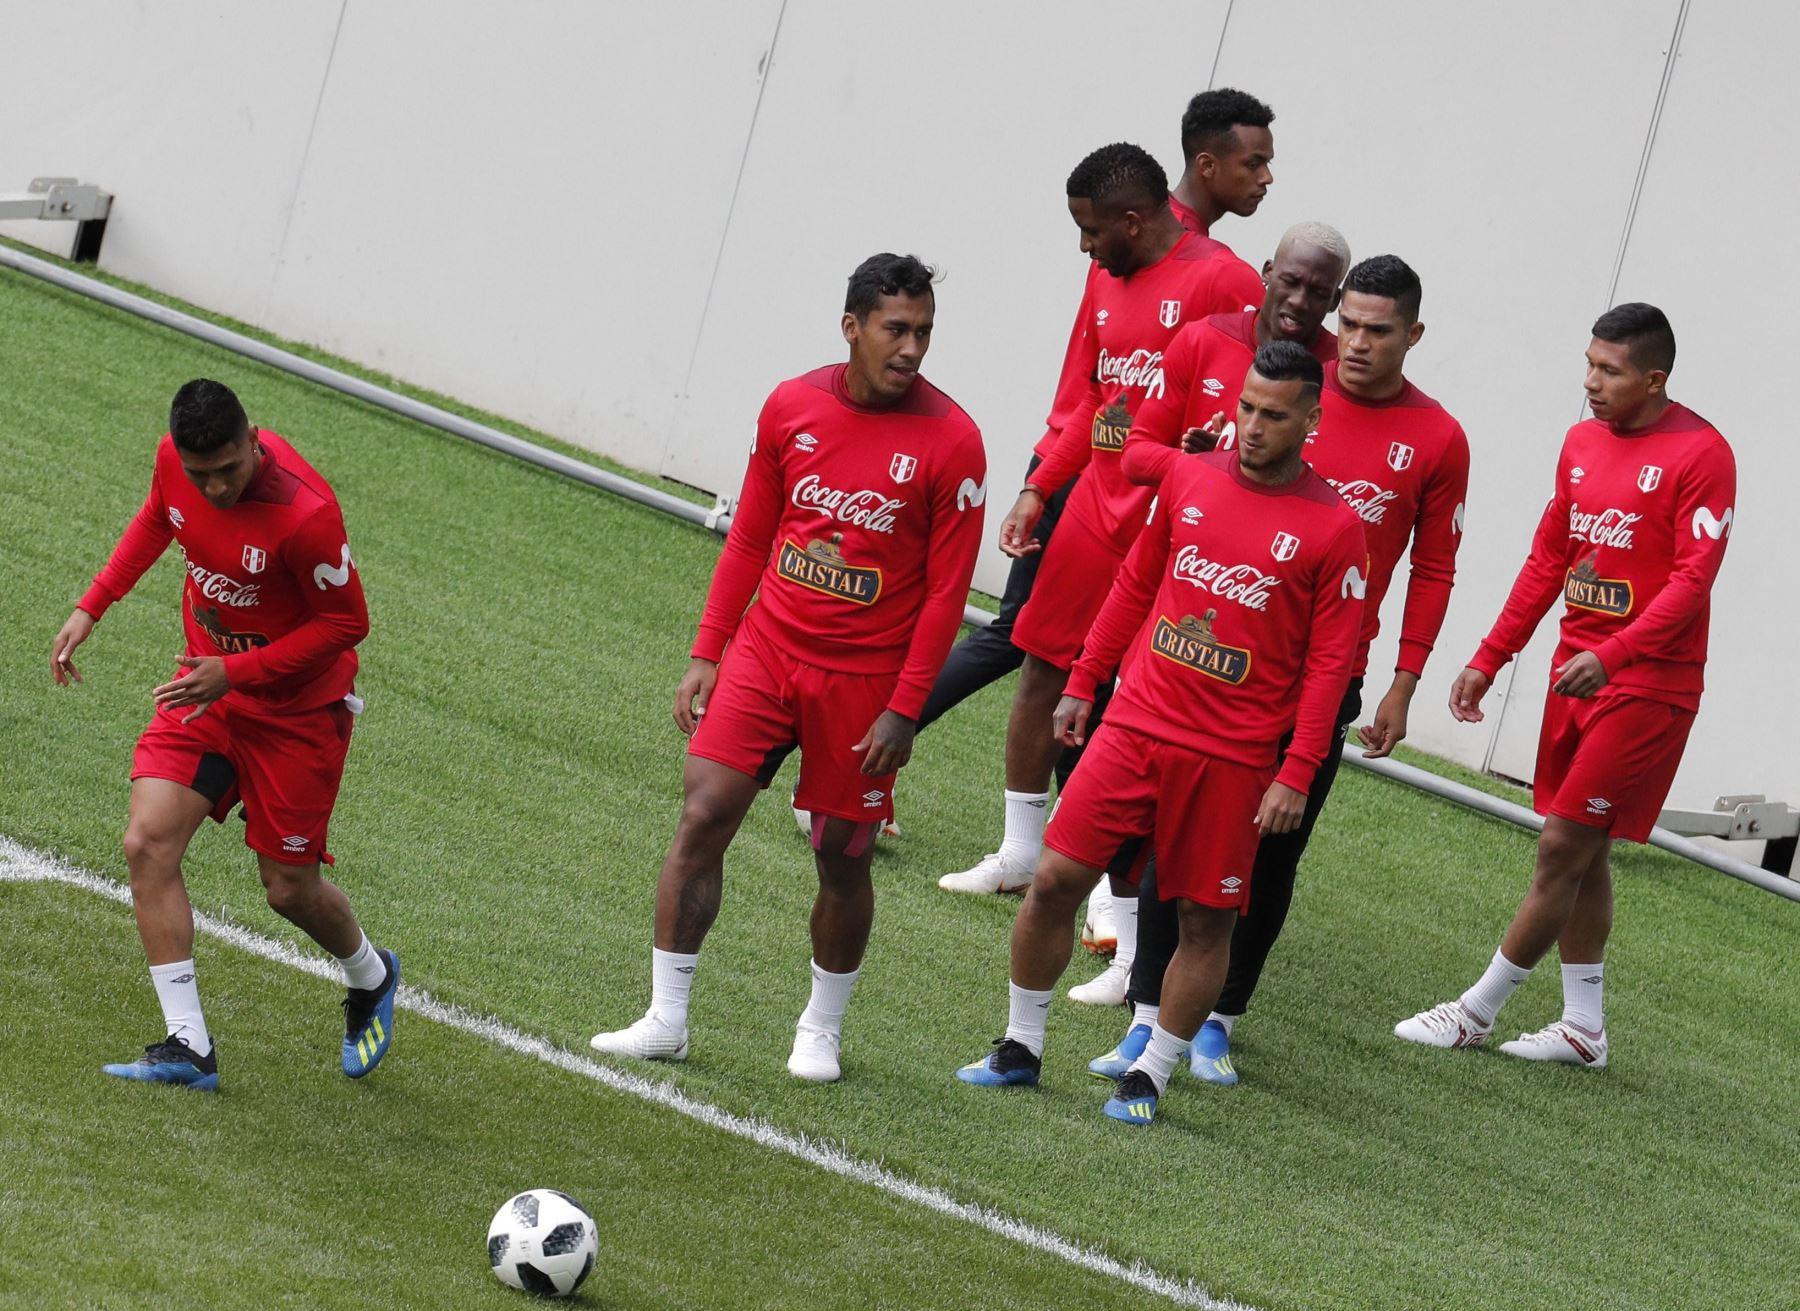 Los jugadores de la selección peruana durante un entrenamiento del equipo celebrado en el estadio Khimki de Moscú. Foto: EFE